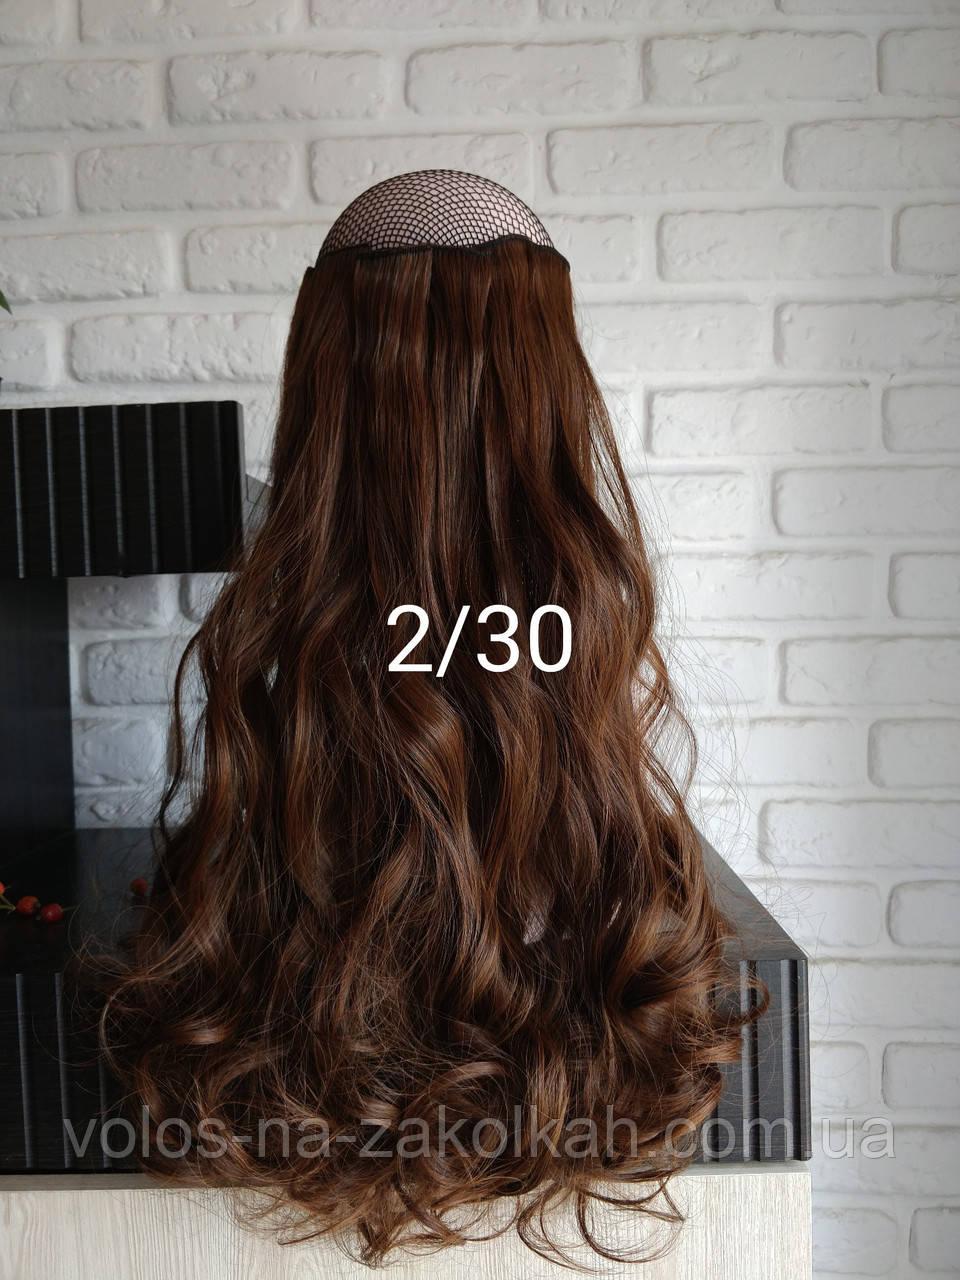 Волосы на заколках кудрявые 2/30